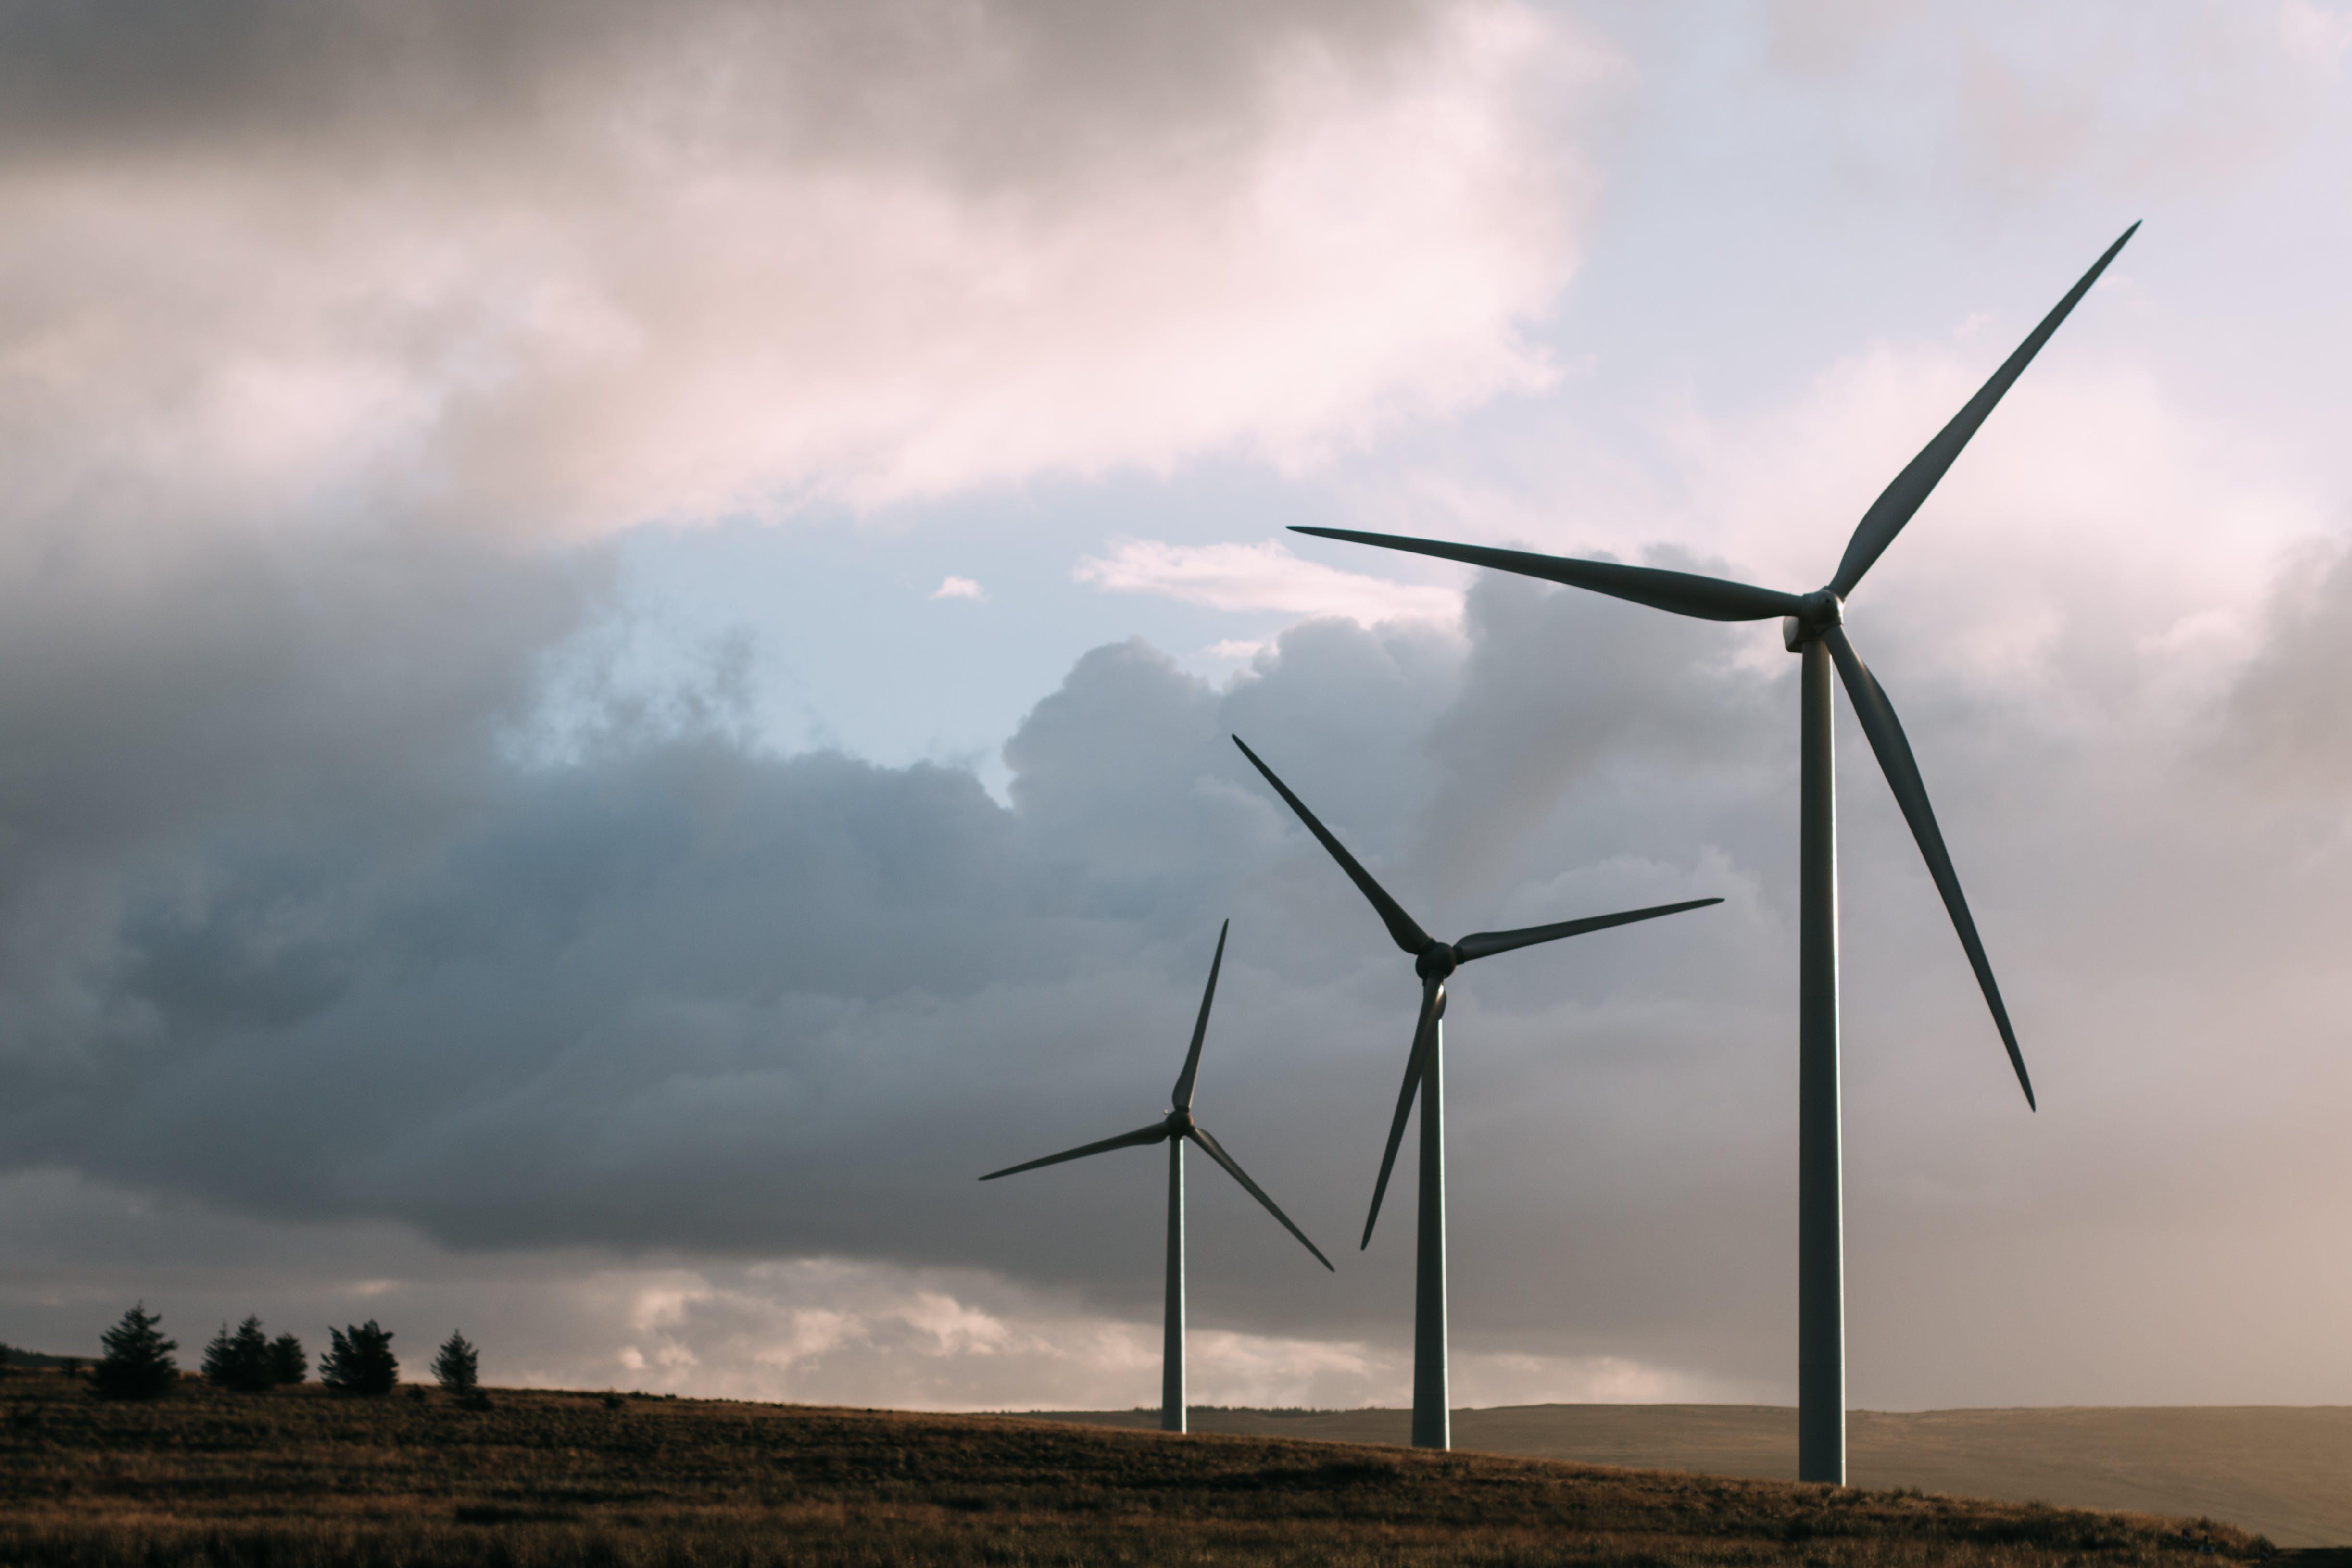 Three Gray Wind Turbine